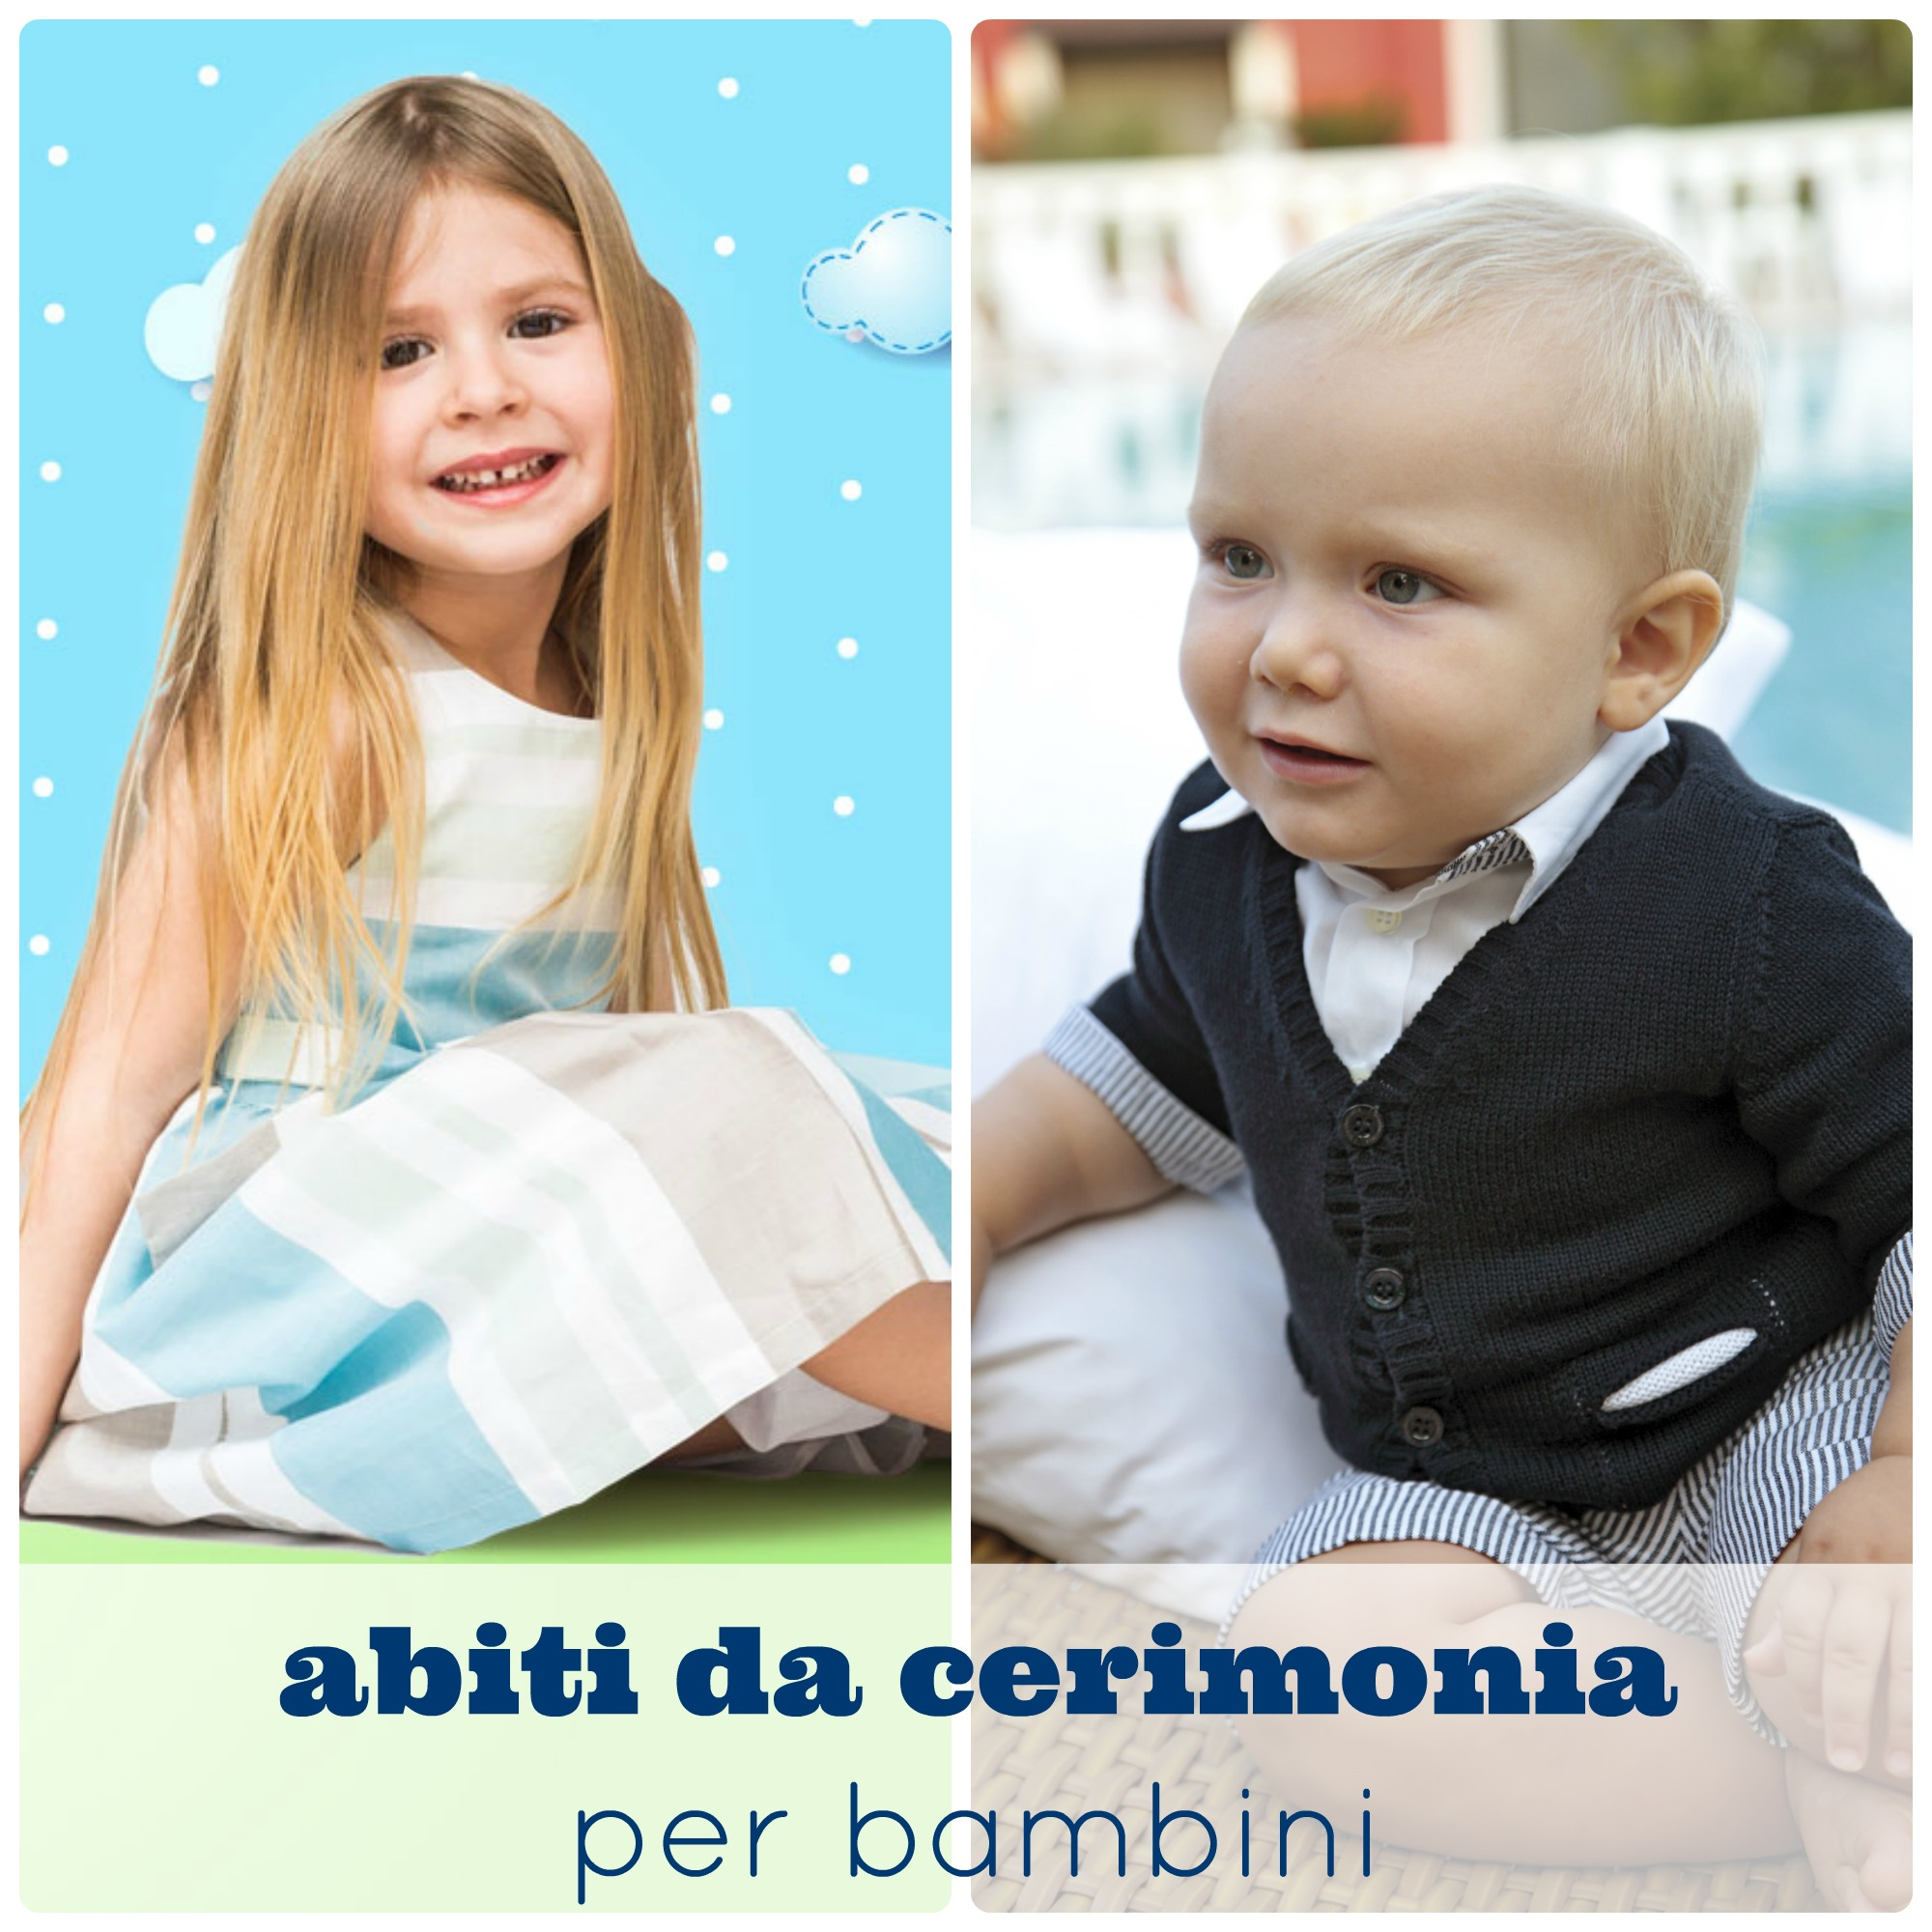 Abiti da cerimonia per bambini (da 0 a 3 anni)   BabyGreen